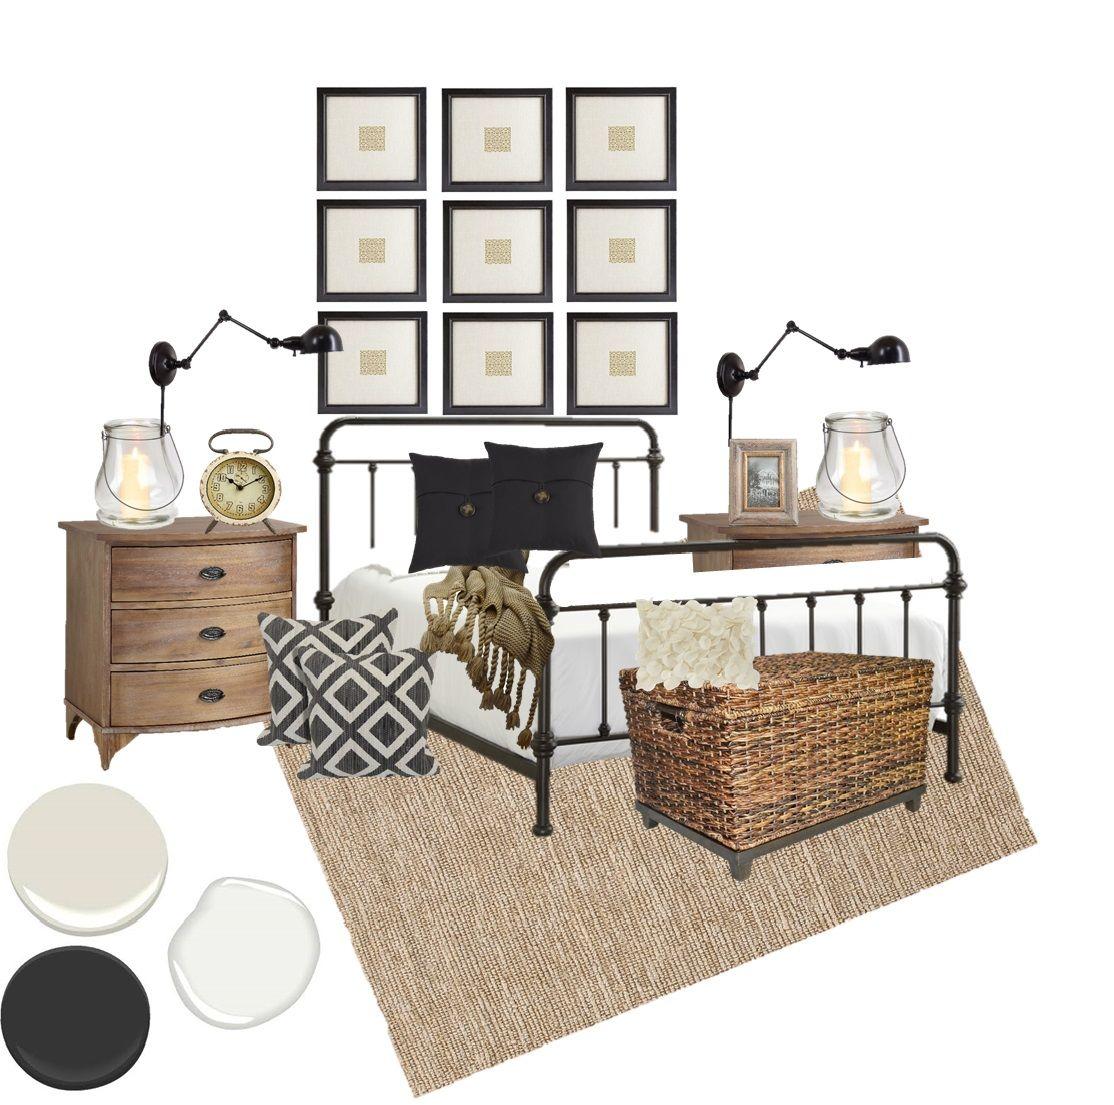 Picture It Bedroom Design Inspiration Luxury bedroom